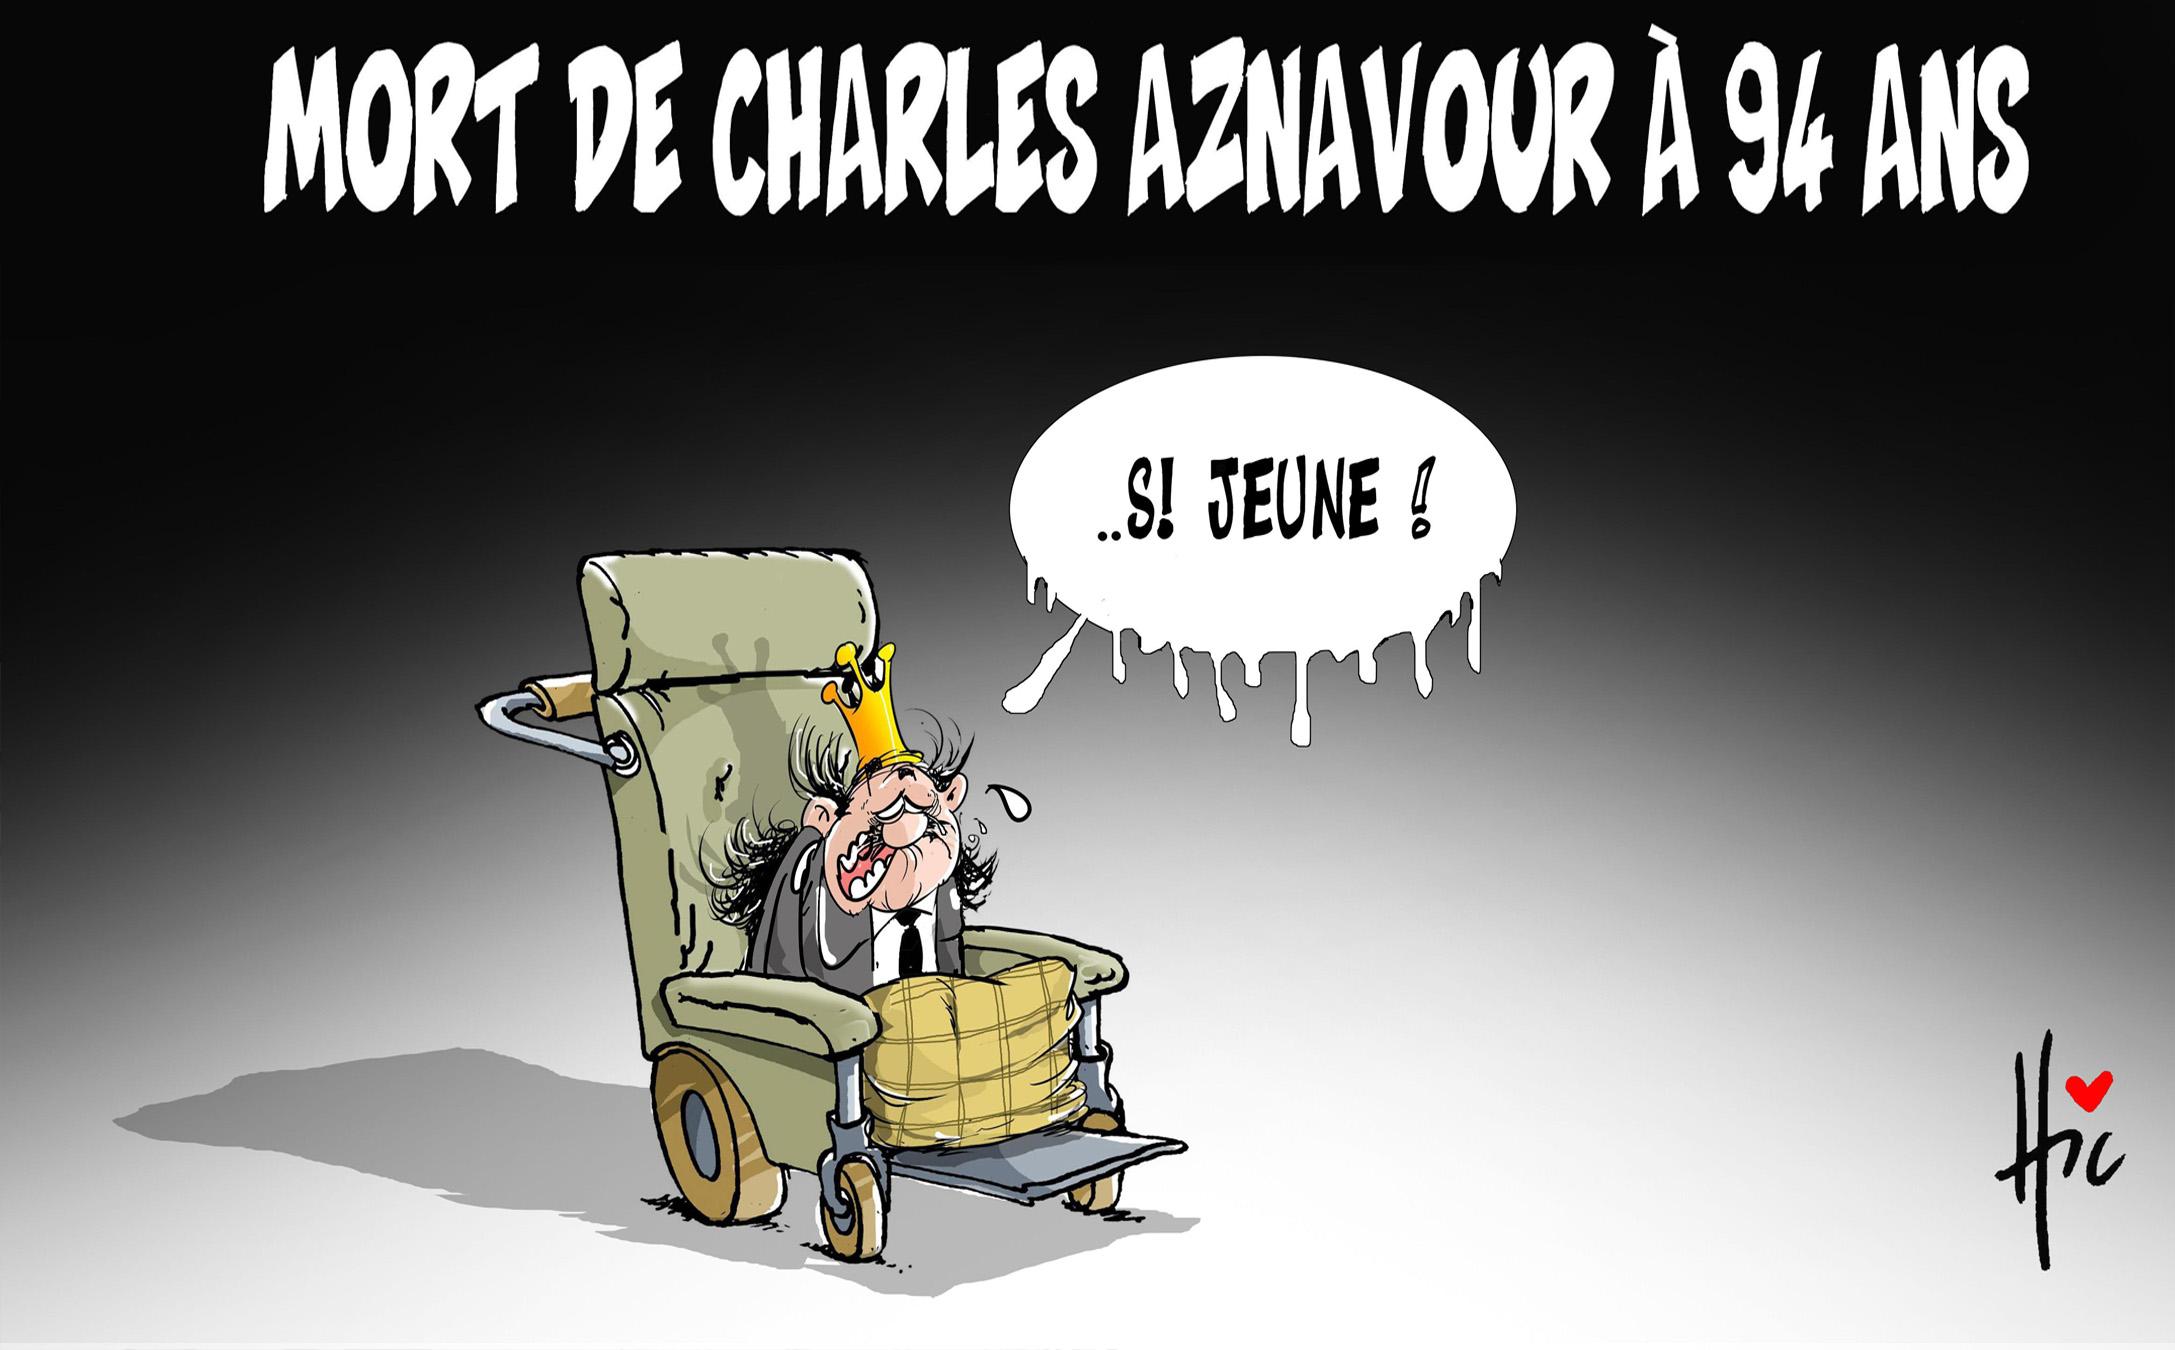 Mort de Charles Aznavour à 94 ans - Dessins et Caricatures, Le Hic - El Watan - Gagdz.com